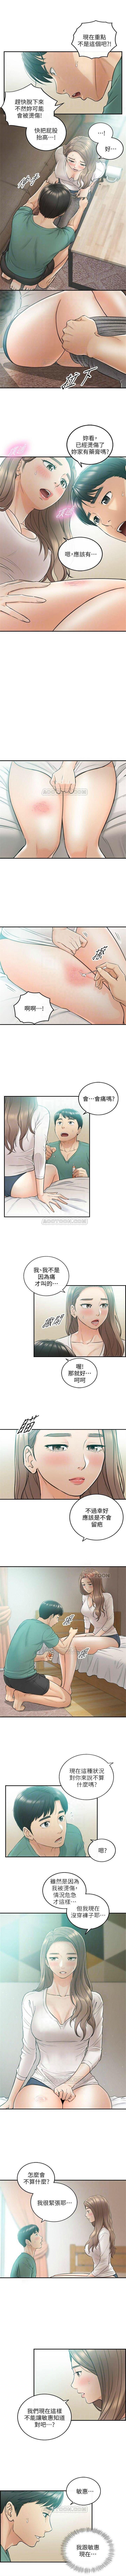 (週5)正妹小主管 1-39 中文翻譯(更新中) 174